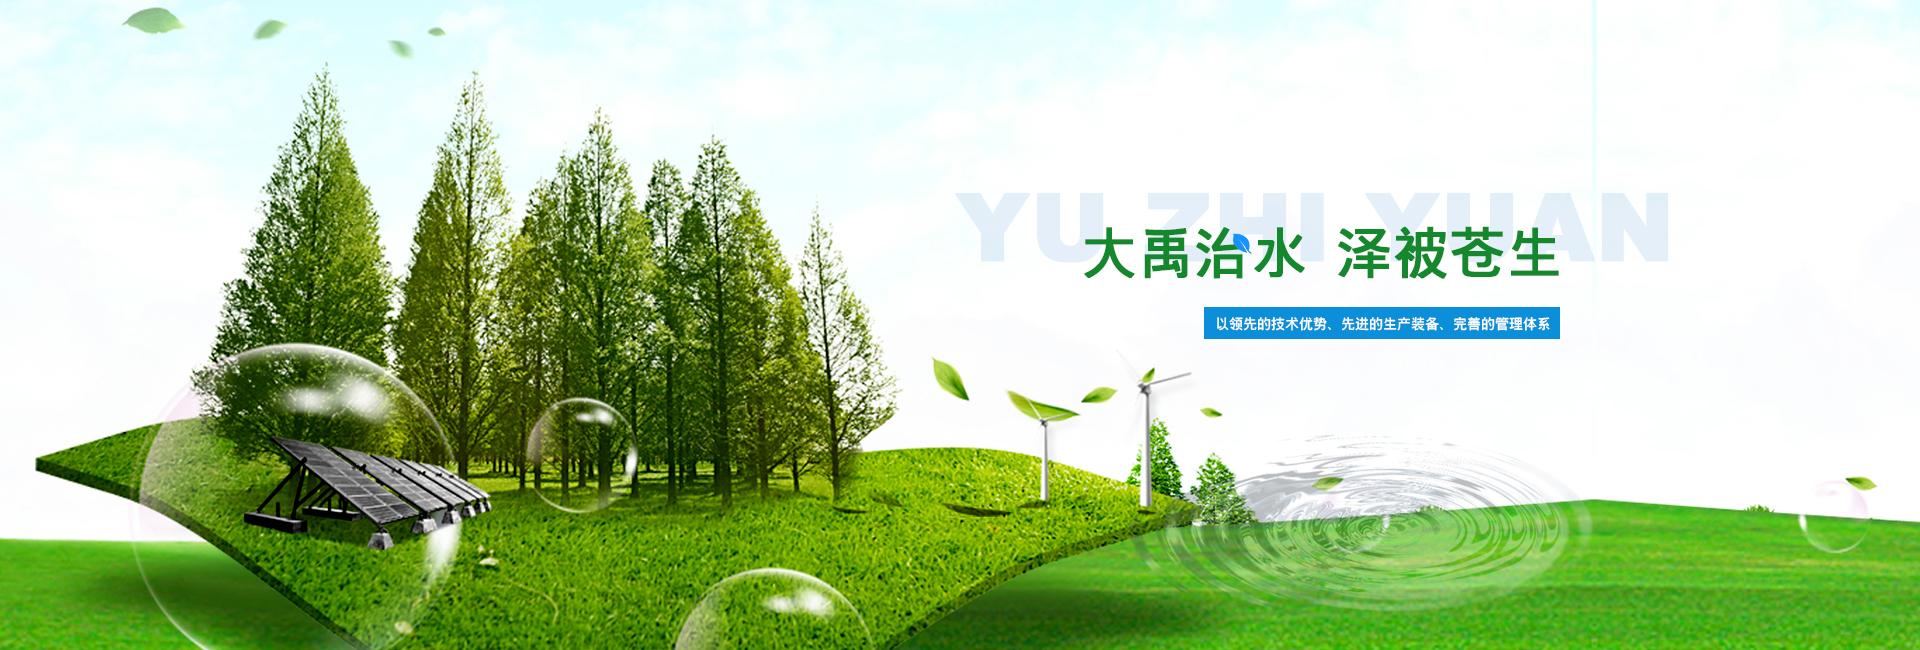 貴州禹之源生態環保有限公司